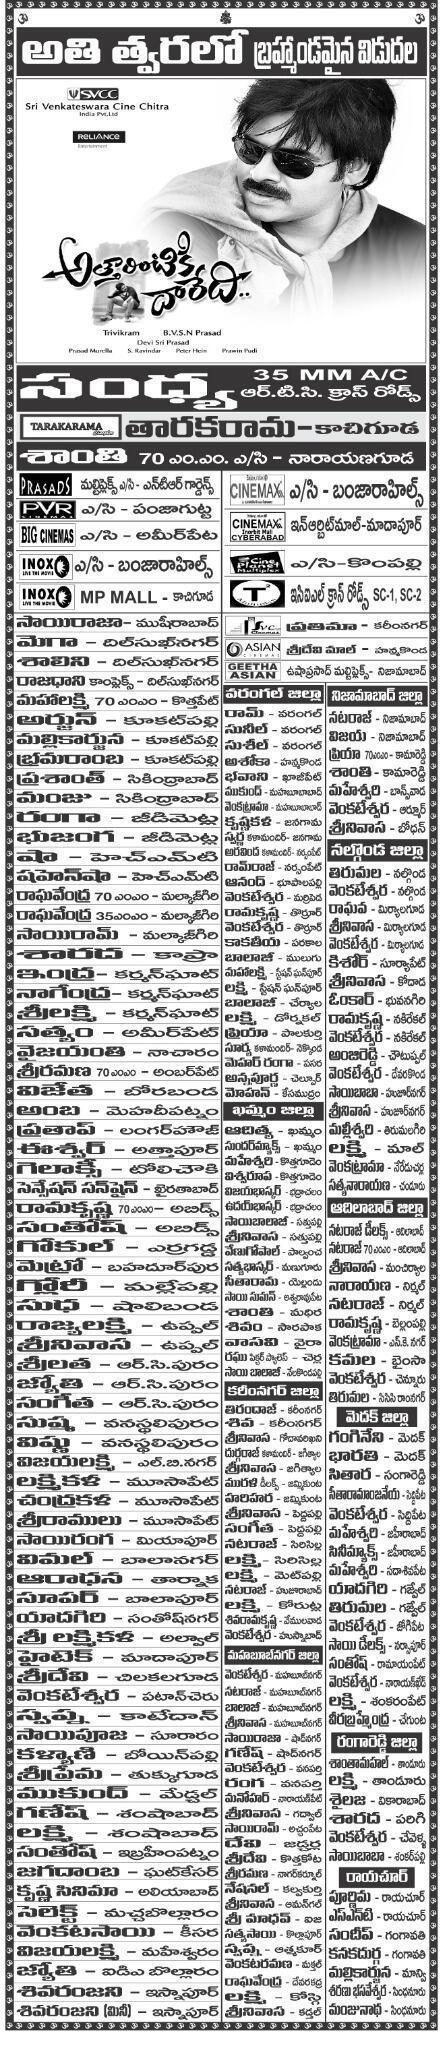 pawan kalyan samantha ad nizam theater list pics images galleries Pawan Kalyans Atharintiki Daredi Nizam Theater List 1